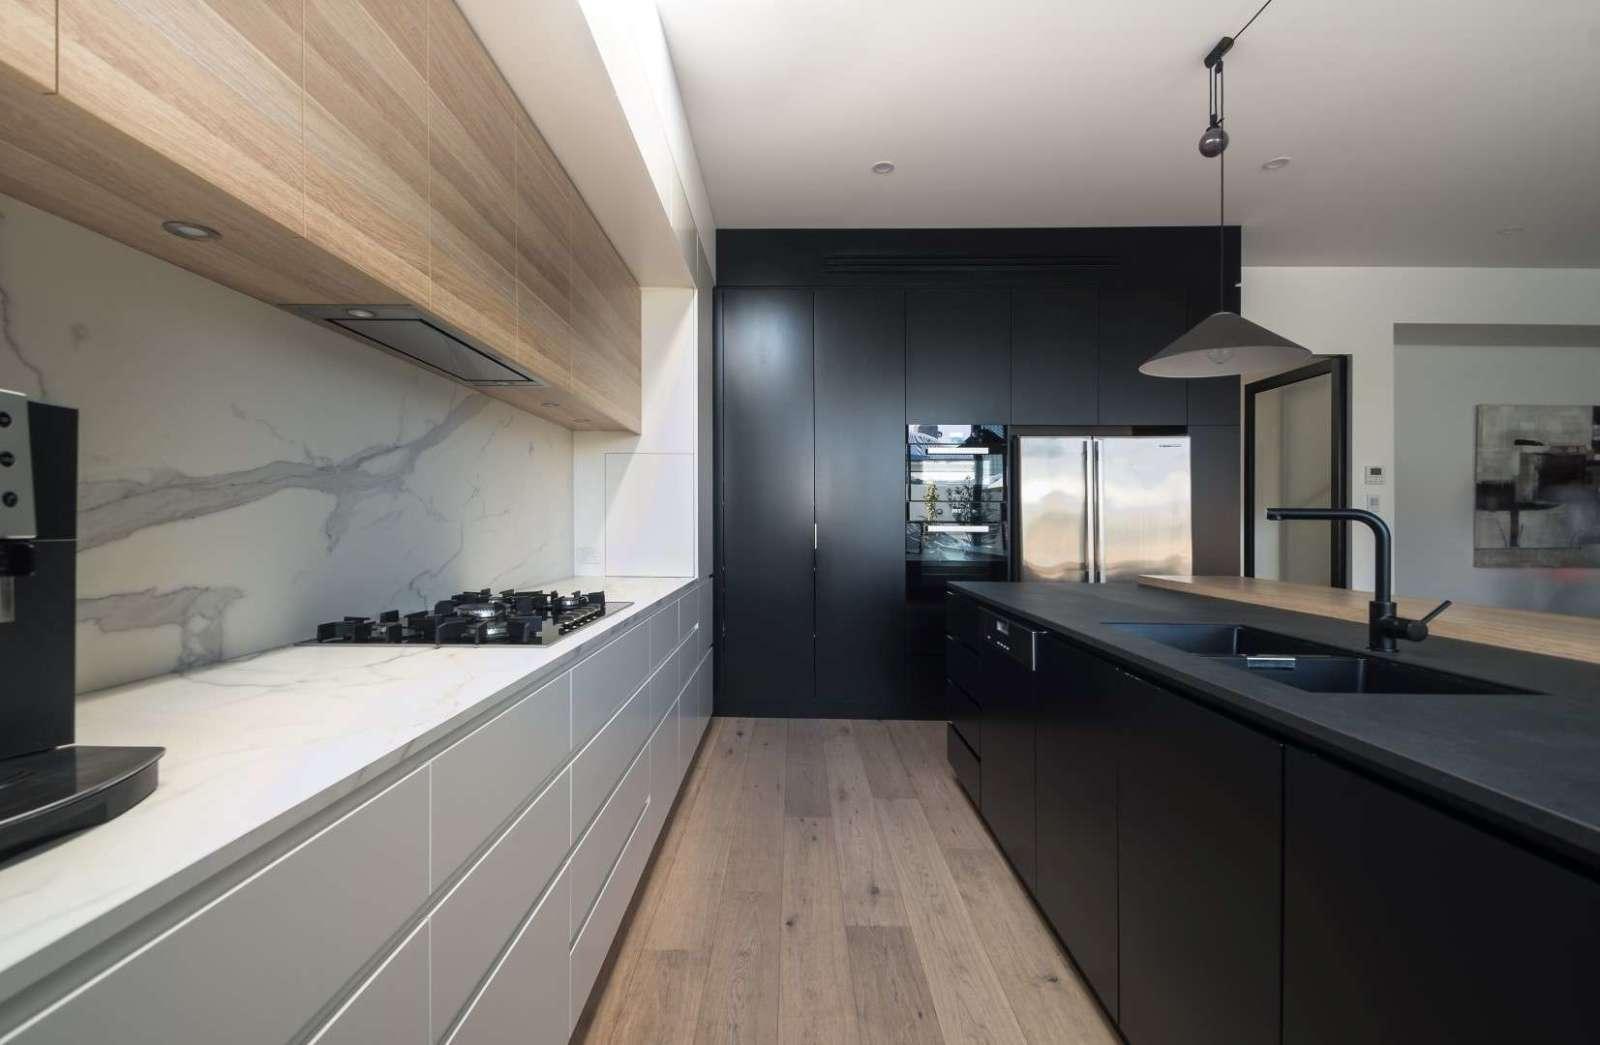 Cocina moderna an na studio - Campanas de cocina modernas ...